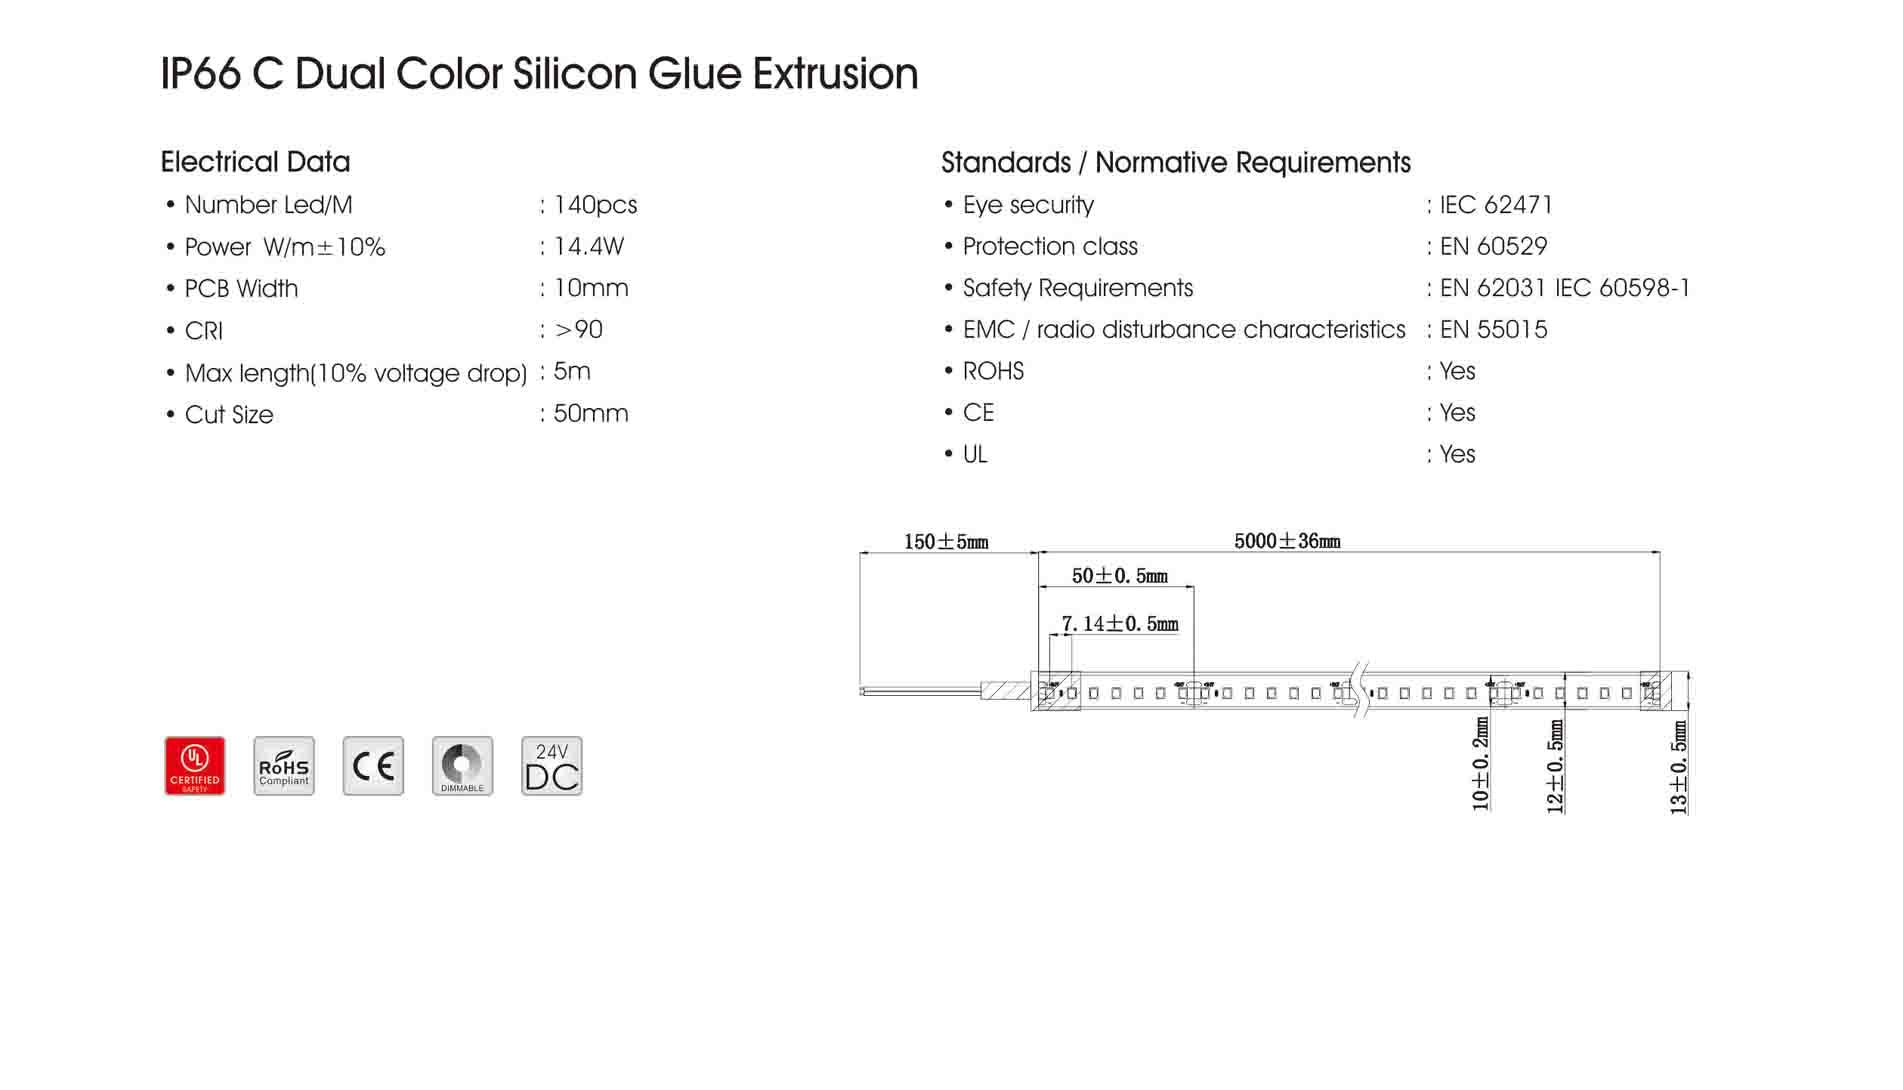 ip66 c dual color silicon glue extrusion